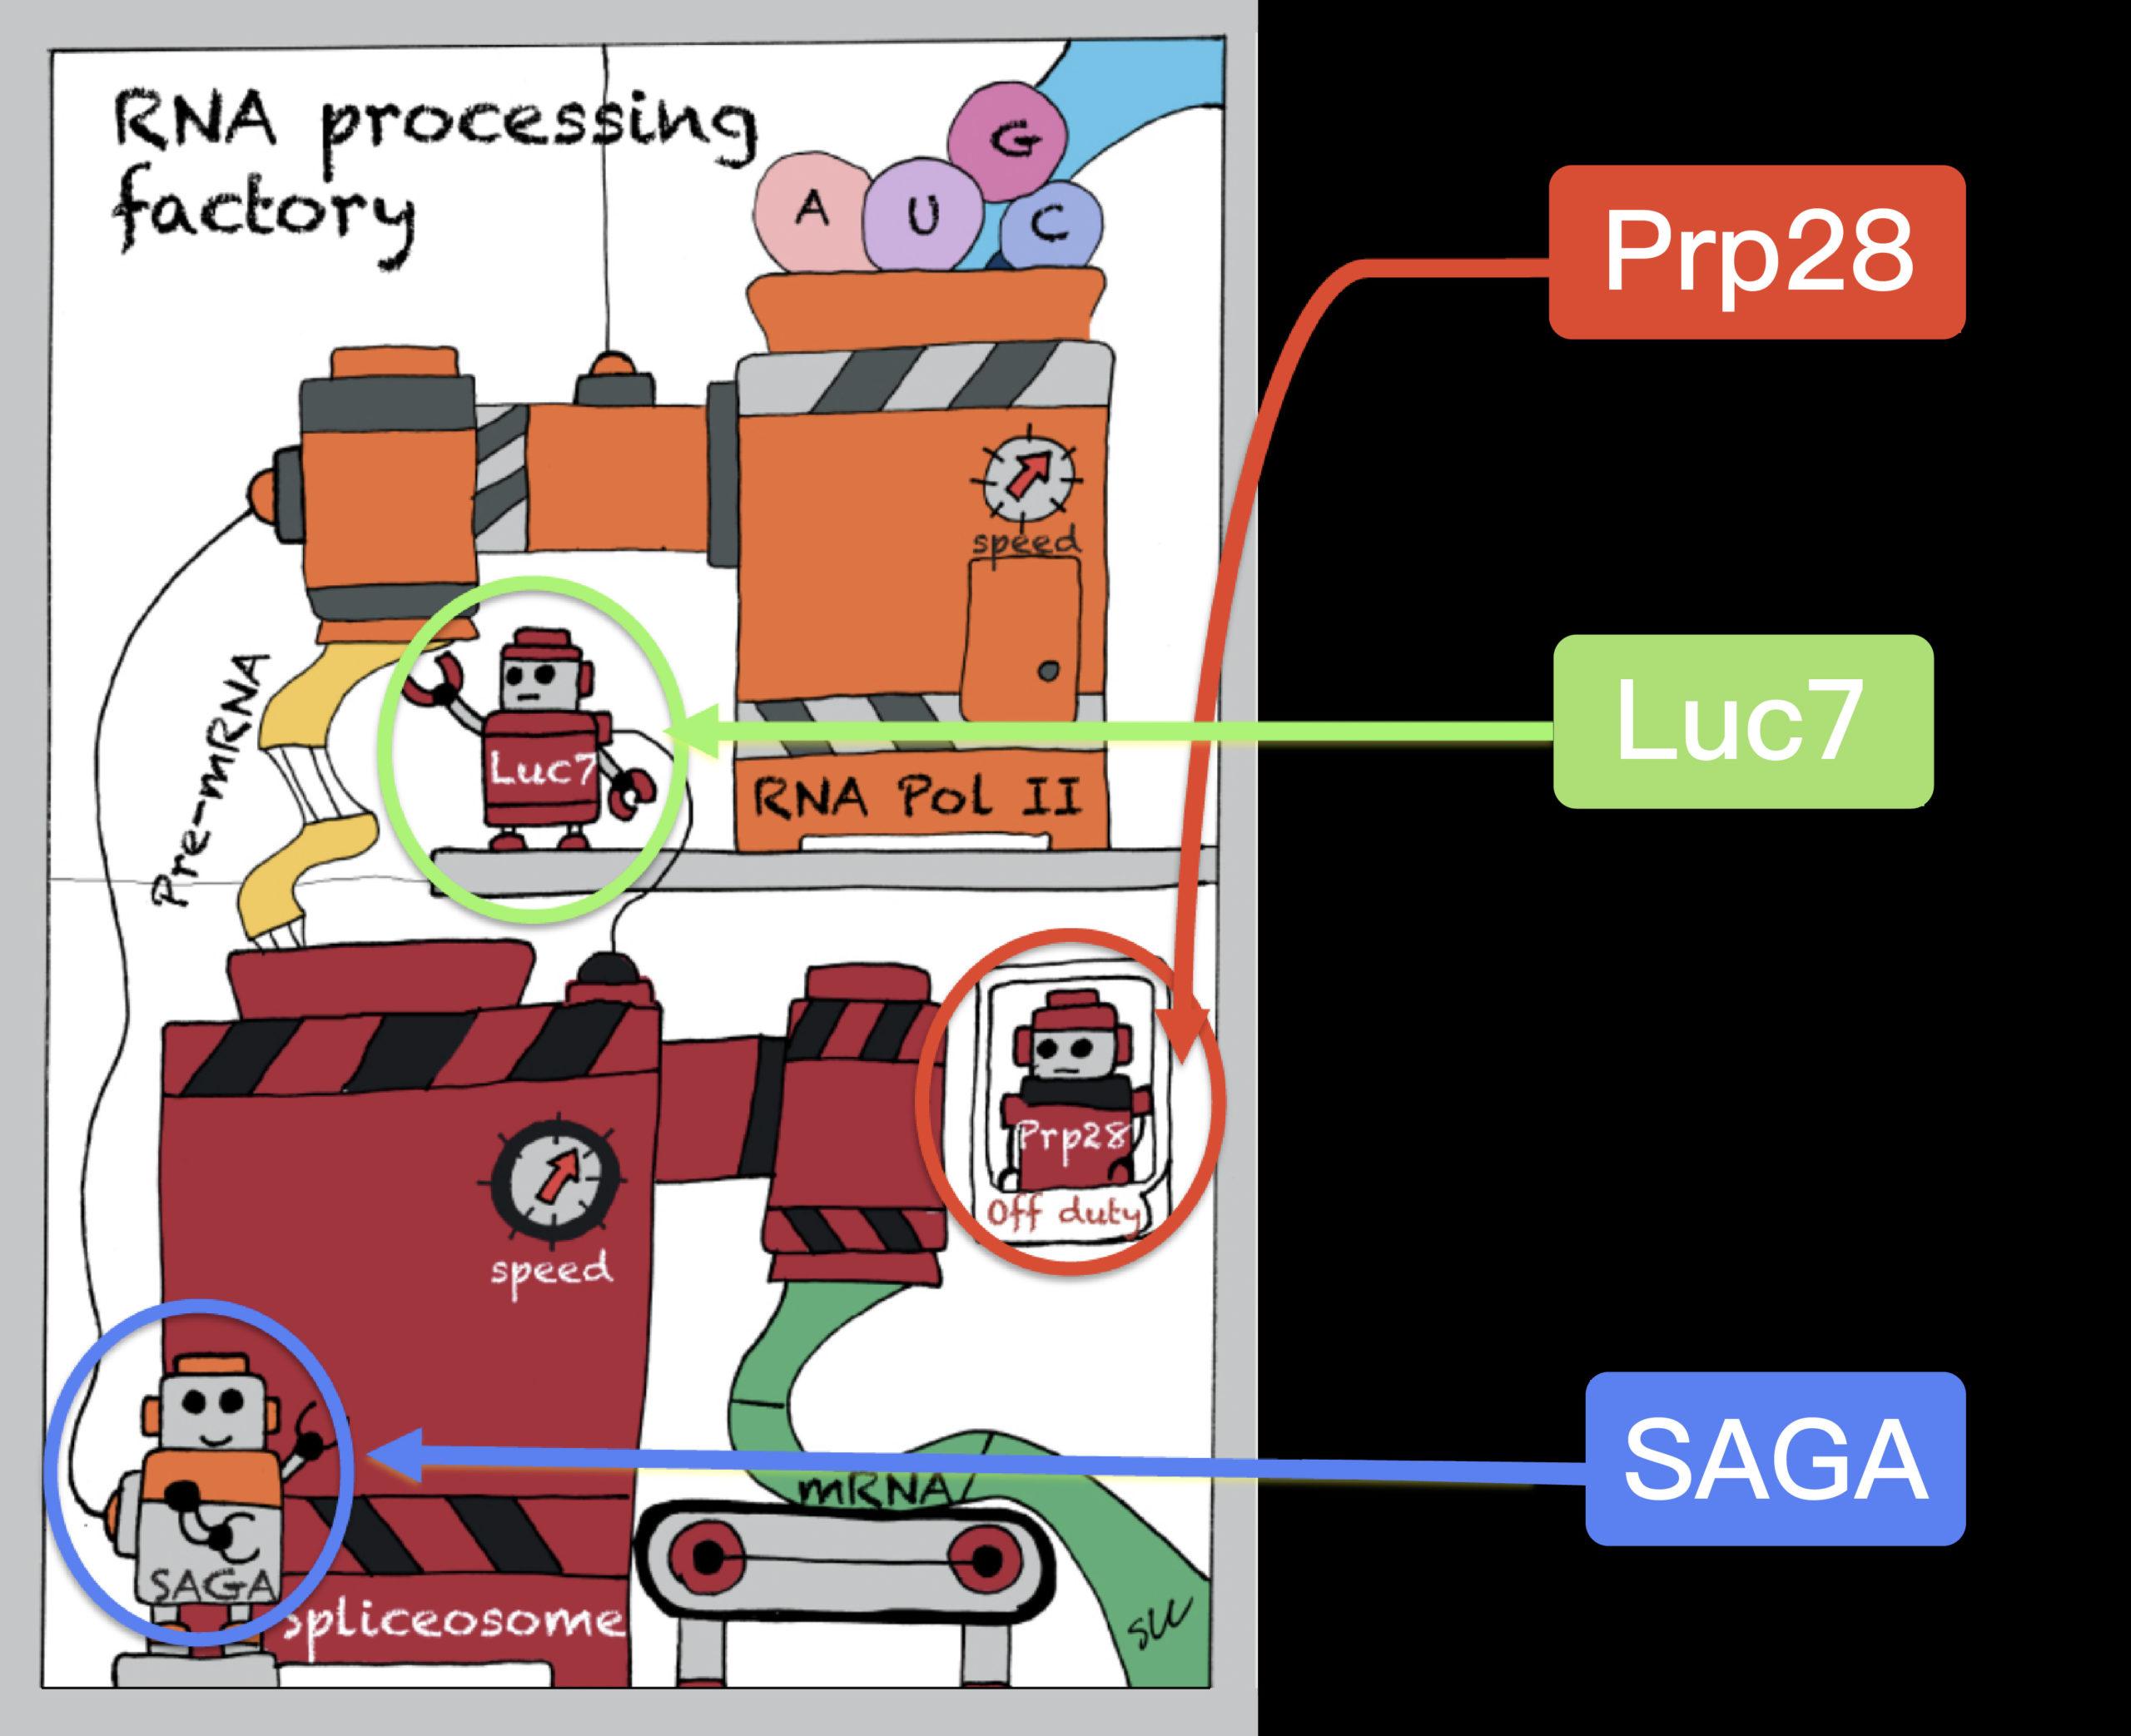 張典顯團隊用漫畫方式呈現酵母菌絕處逢生的秘訣:雖然細胞的剪接機慢了下來,但藉由演化讓上游轉錄機也減慢速度 (發生了另外的突變:蛋白質 Luc7 和 SAGA),於是上下游速度再度同步,使細胞恢復活力。圖│張典顯